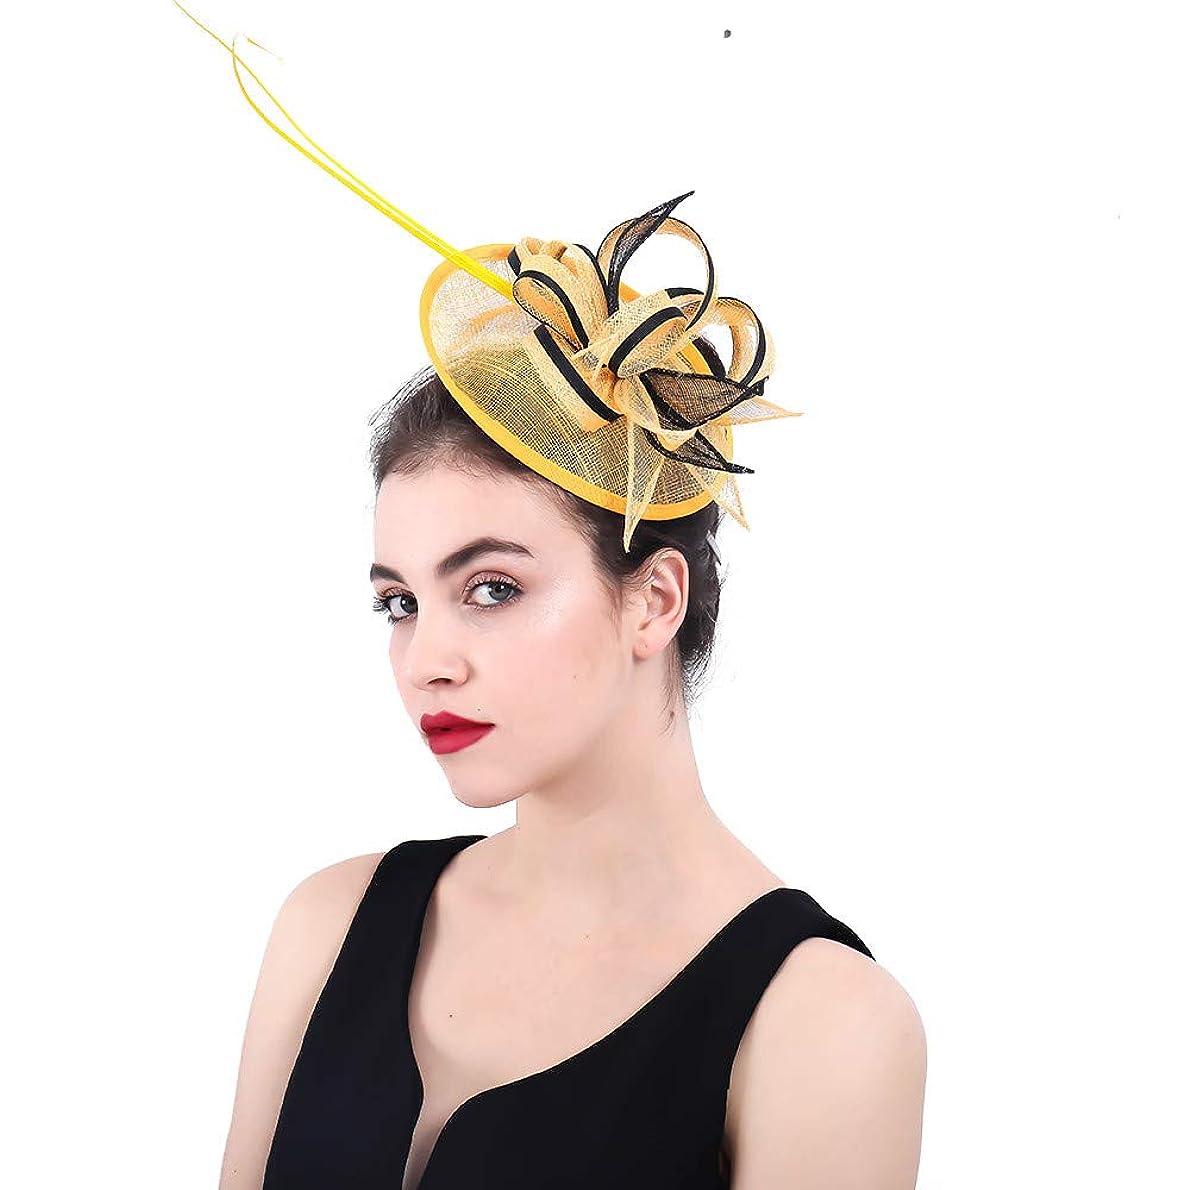 勝つ笑い自殺女性の魅力的な帽子 女性のエレガントな魅惑的な帽子ブライダルフェザーヘアクリップアクセサリーカクテルレースロイヤルアスコットピルボックスハット (色 : 赤)